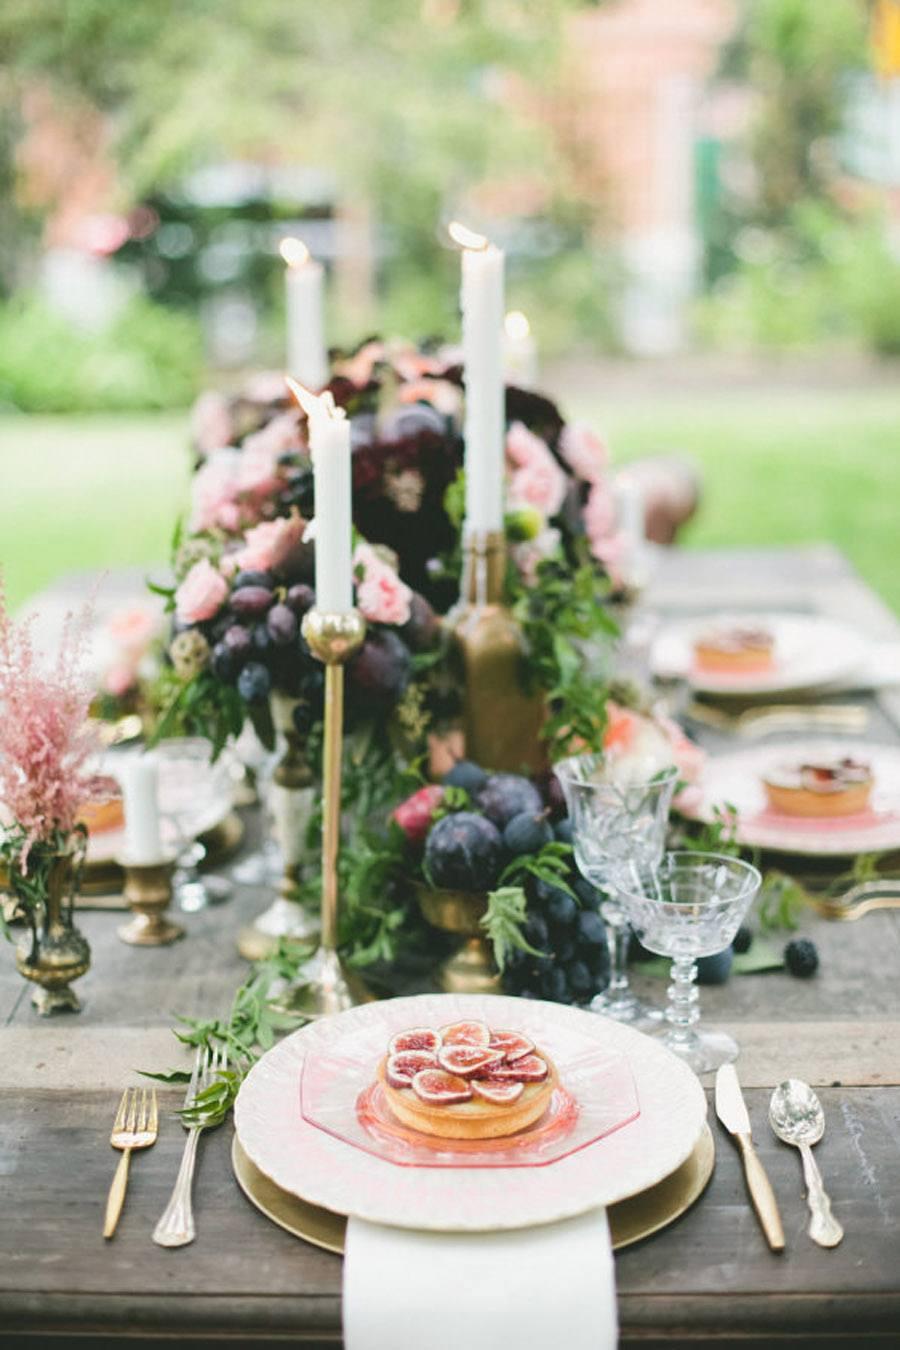 DECORACIÓN DE OTOÑO decoracion-bodas-de-otoño